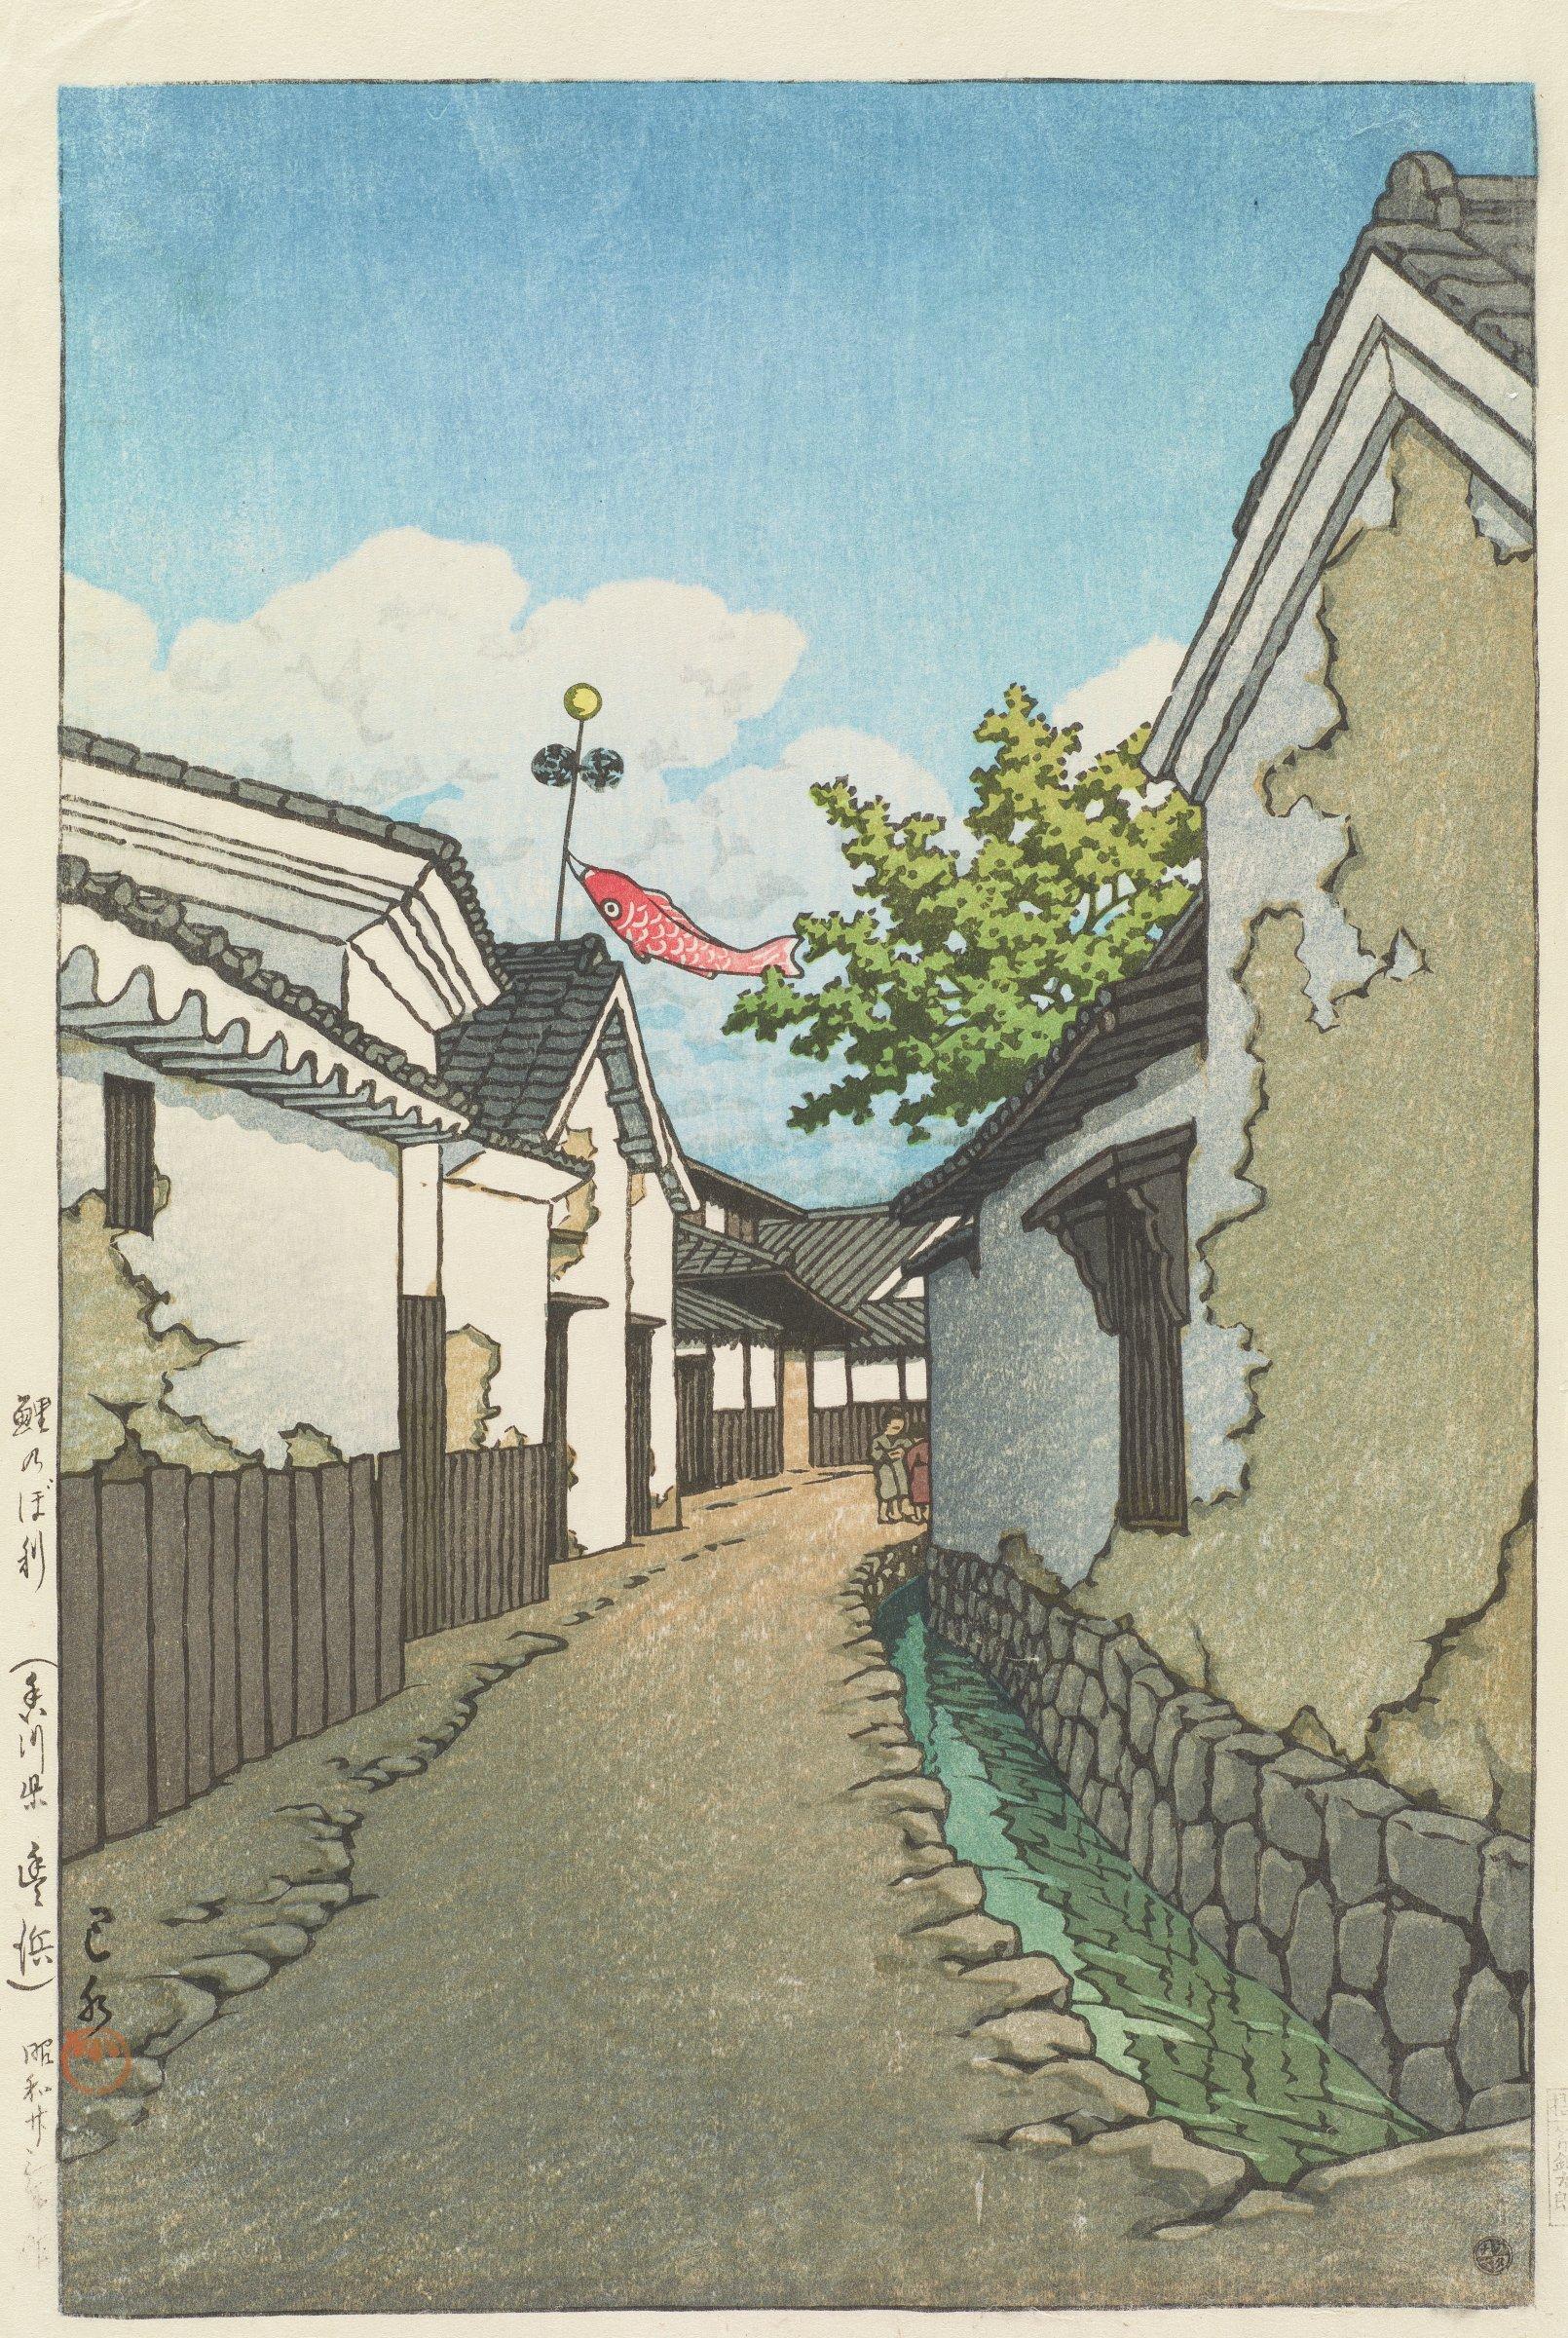 A scene of a carp streamer in Toyohama village in Kagawa prefecture